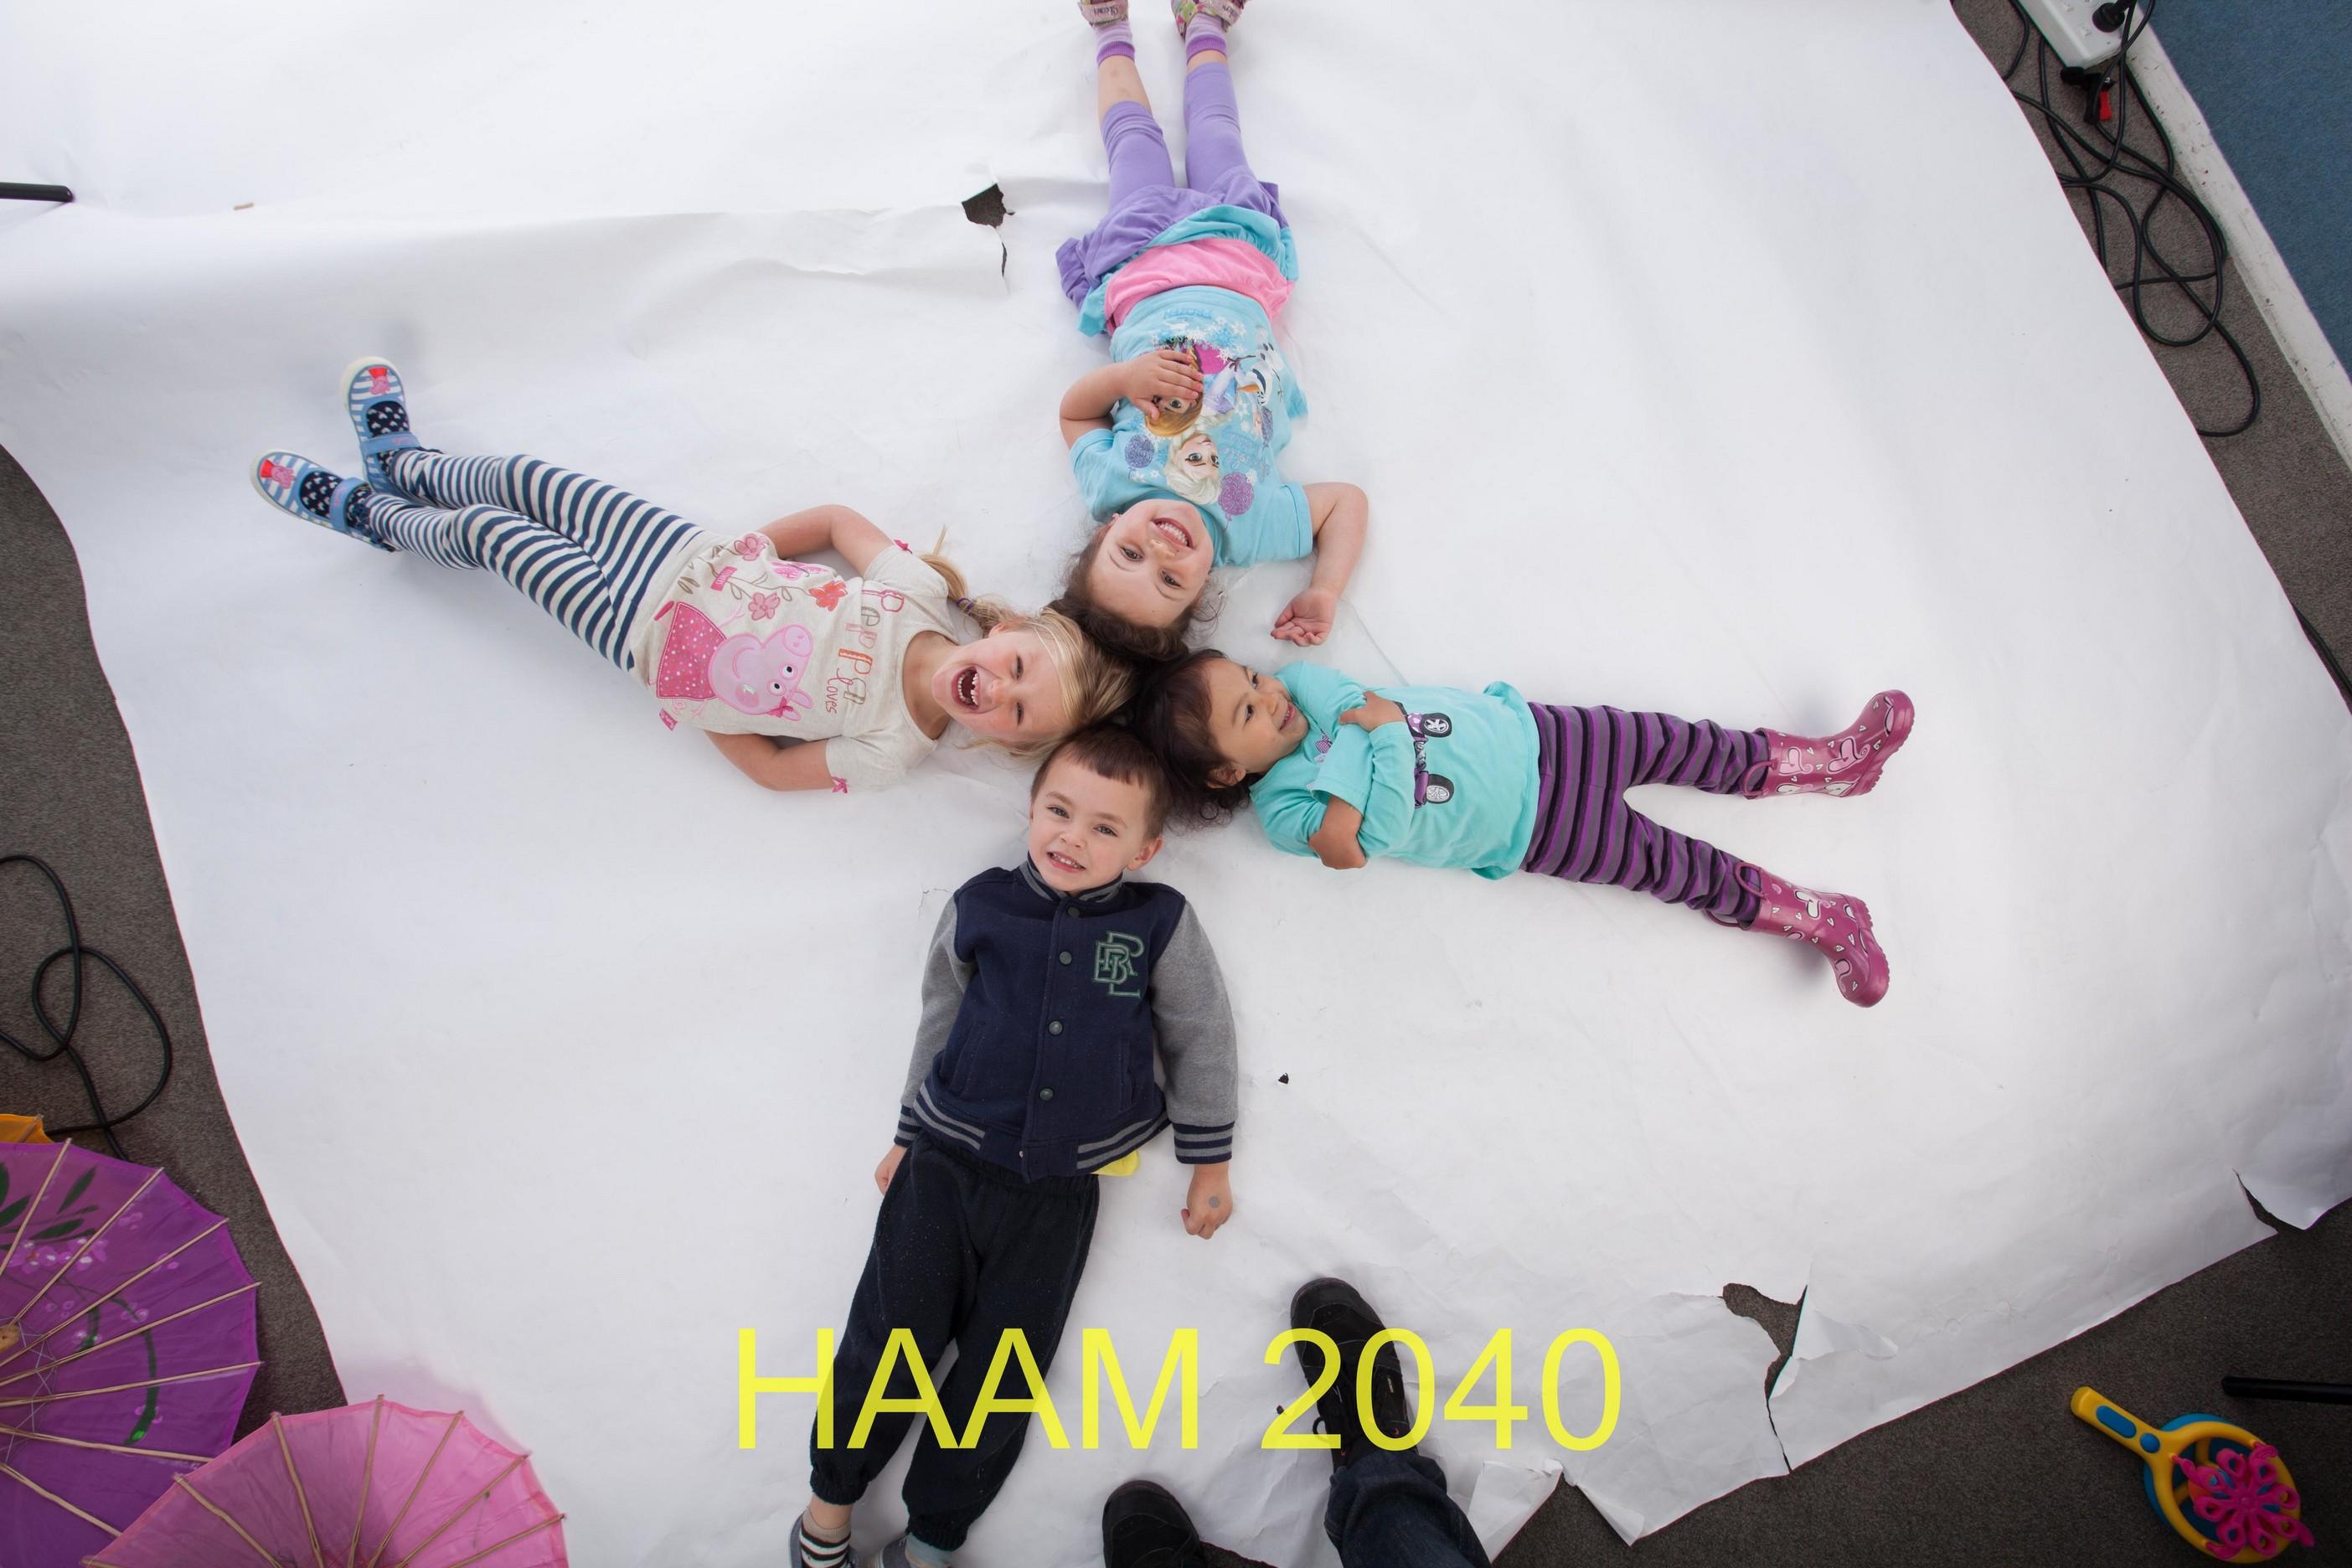 HAAM 2040